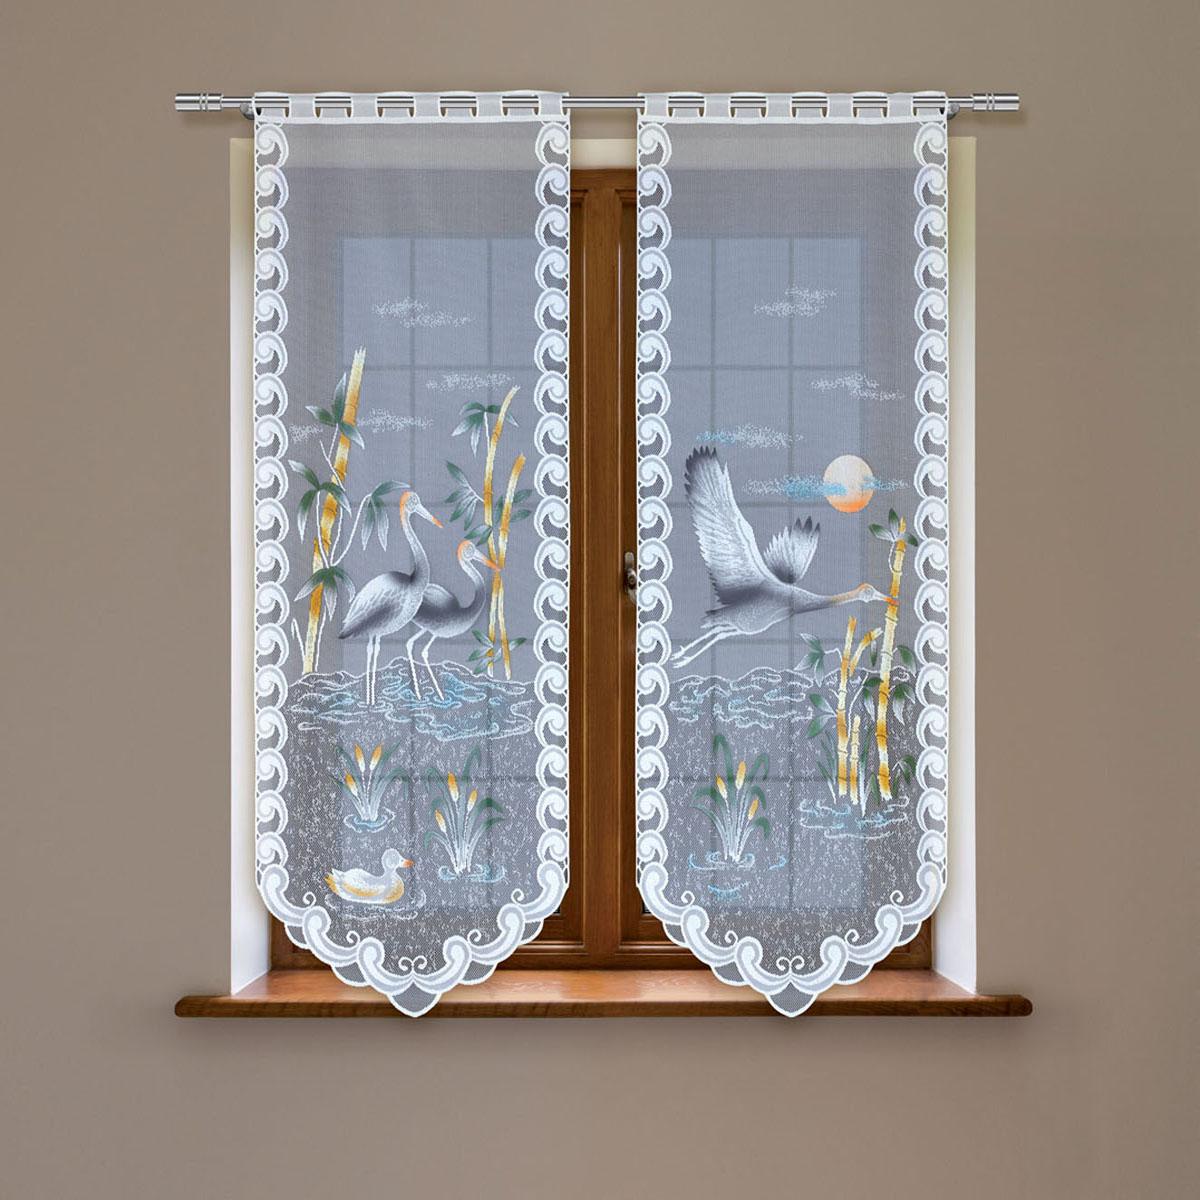 Гардина Haft, цвет: белый, высота 220 см. 4247Е/604247Е/60Гардина имеет в верхней части полотна прорези, через которые гардина-витраж вывешивается на карниз или можно крепить на зажим для штор,котрый в комплект не входит.Комплект состоит из двух полотен (выс.220* шир.60) Размеры: (высота 220* ширина 60)*2